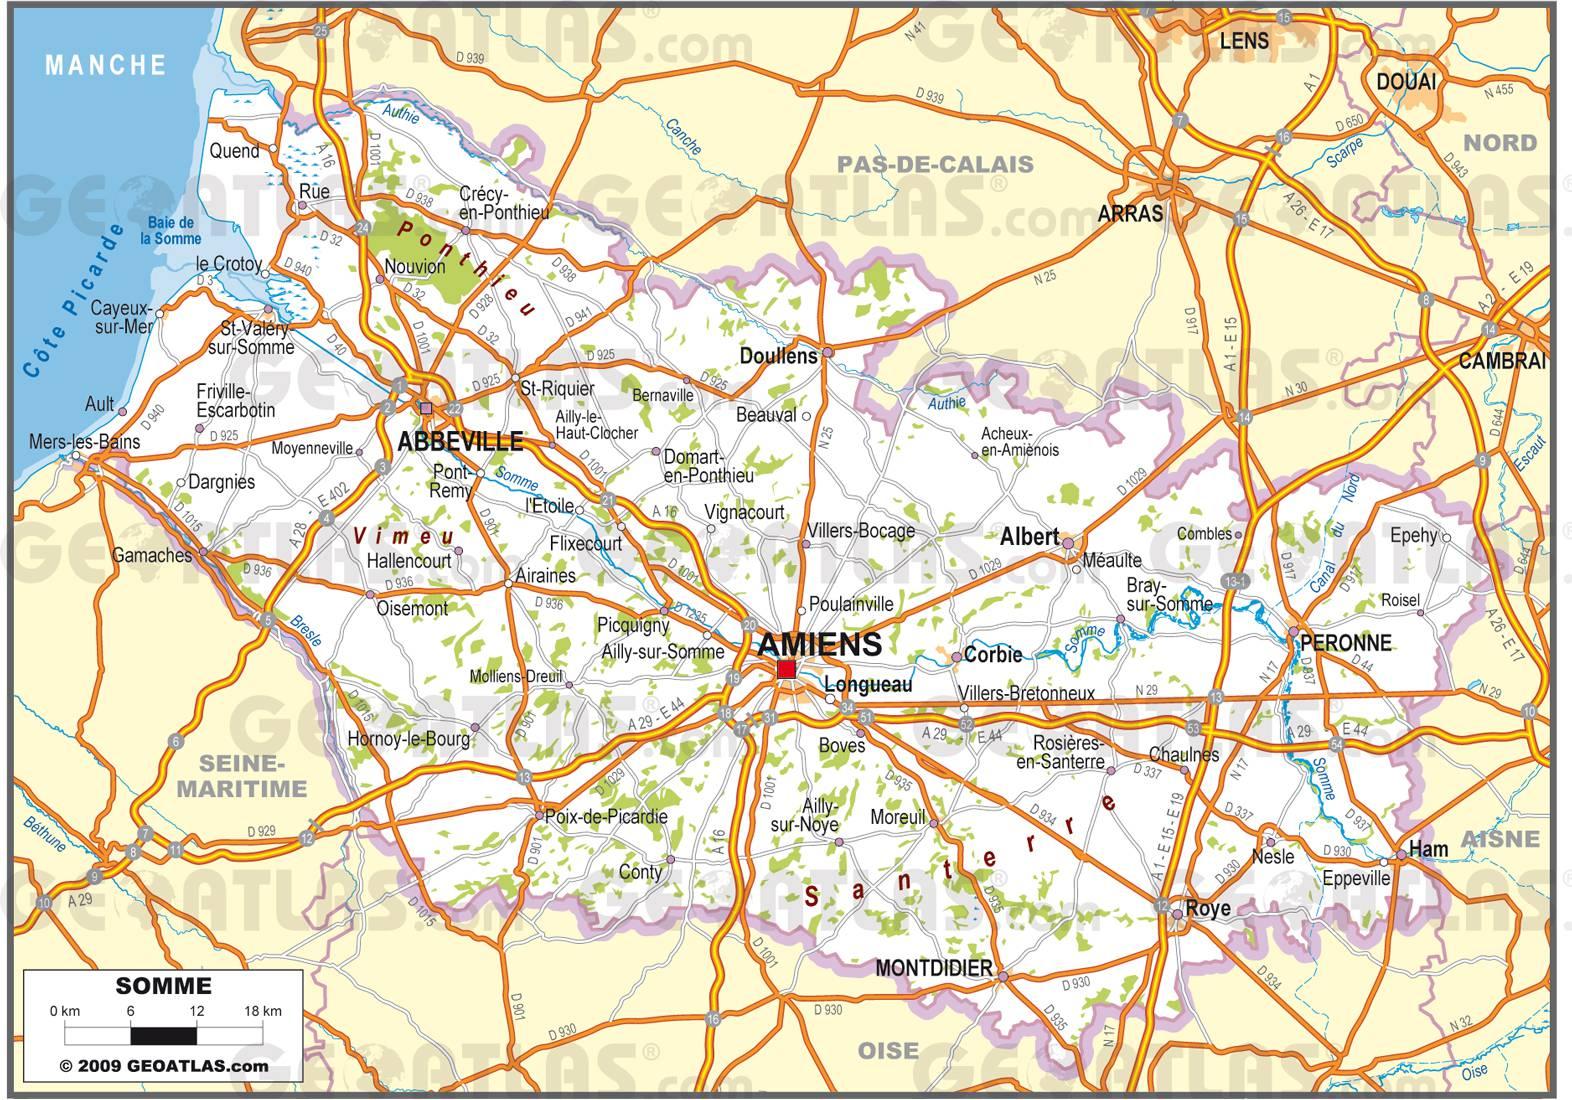 Carte routière de la Somme